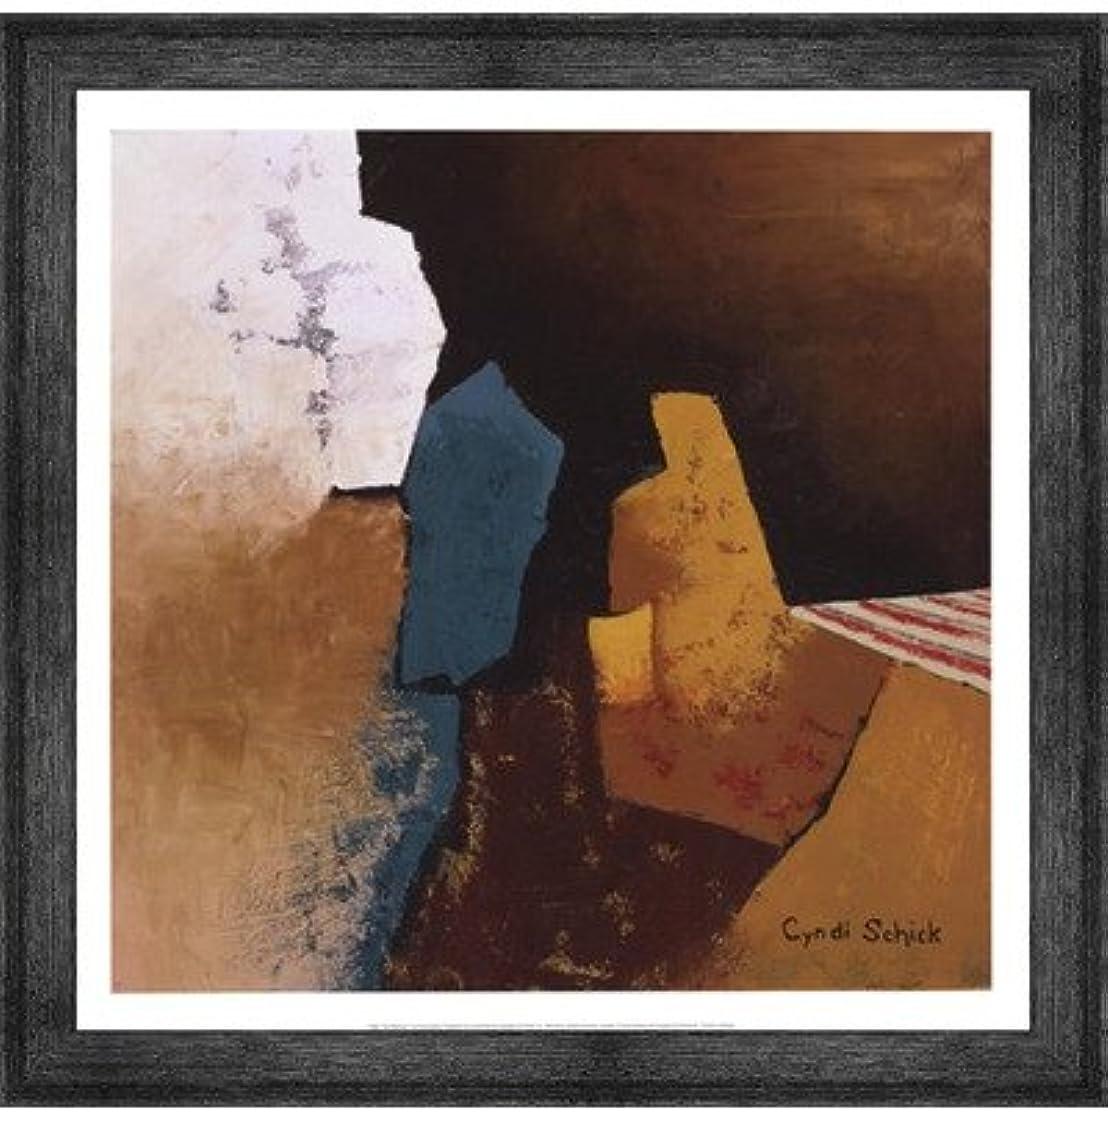 バンクむしろ陰謀ティール抽象I by Cyndi Schick – 20 x 20インチ – アートプリントポスター LE_194553-F10588-20x20